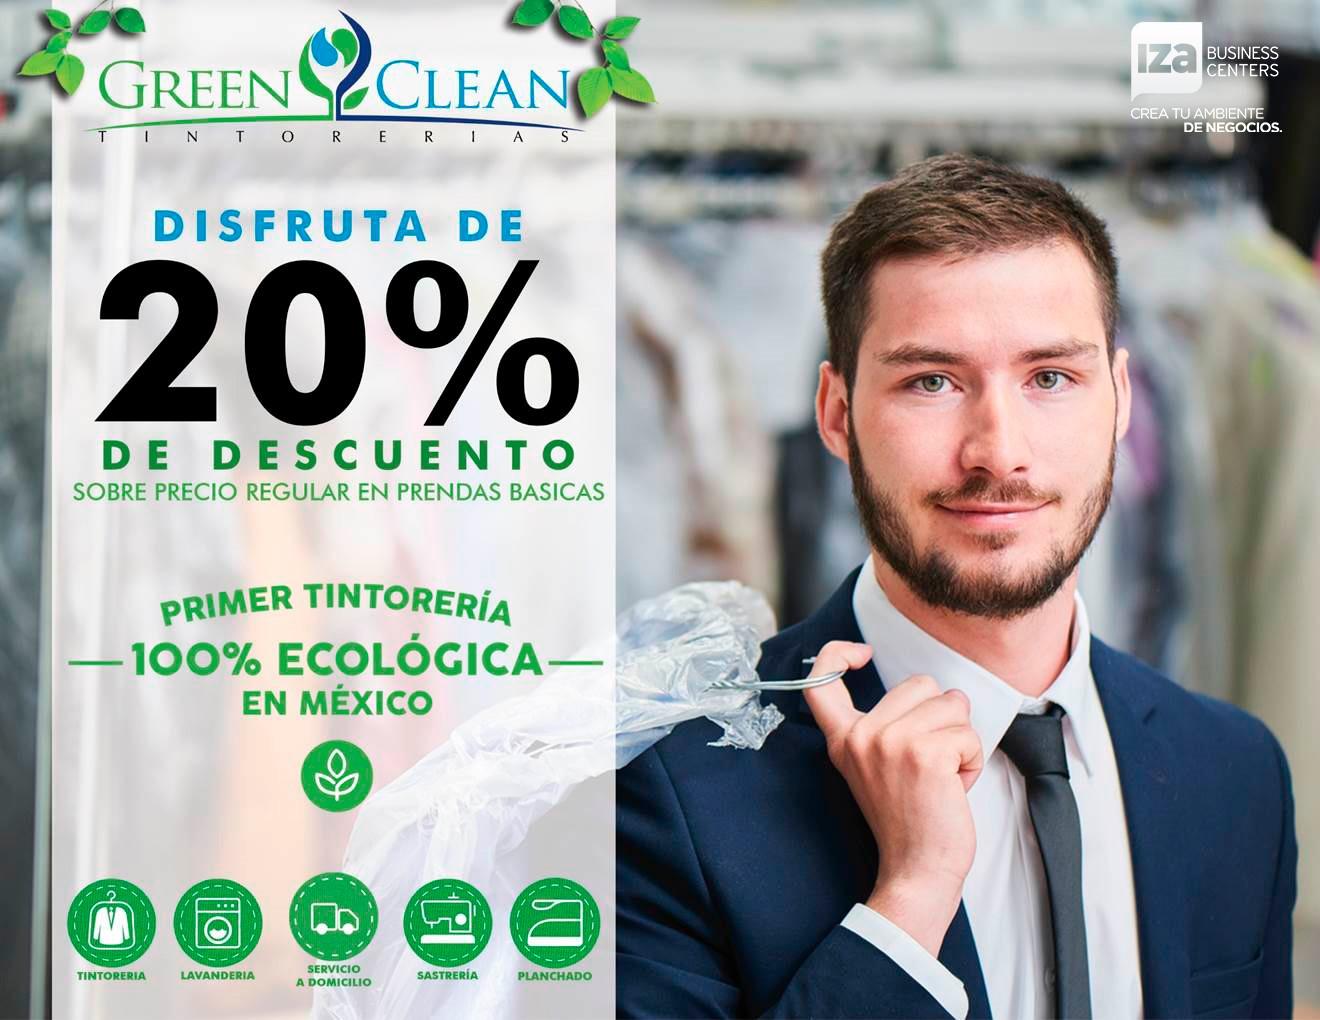 Green Clean Convenio IZA BC MTY